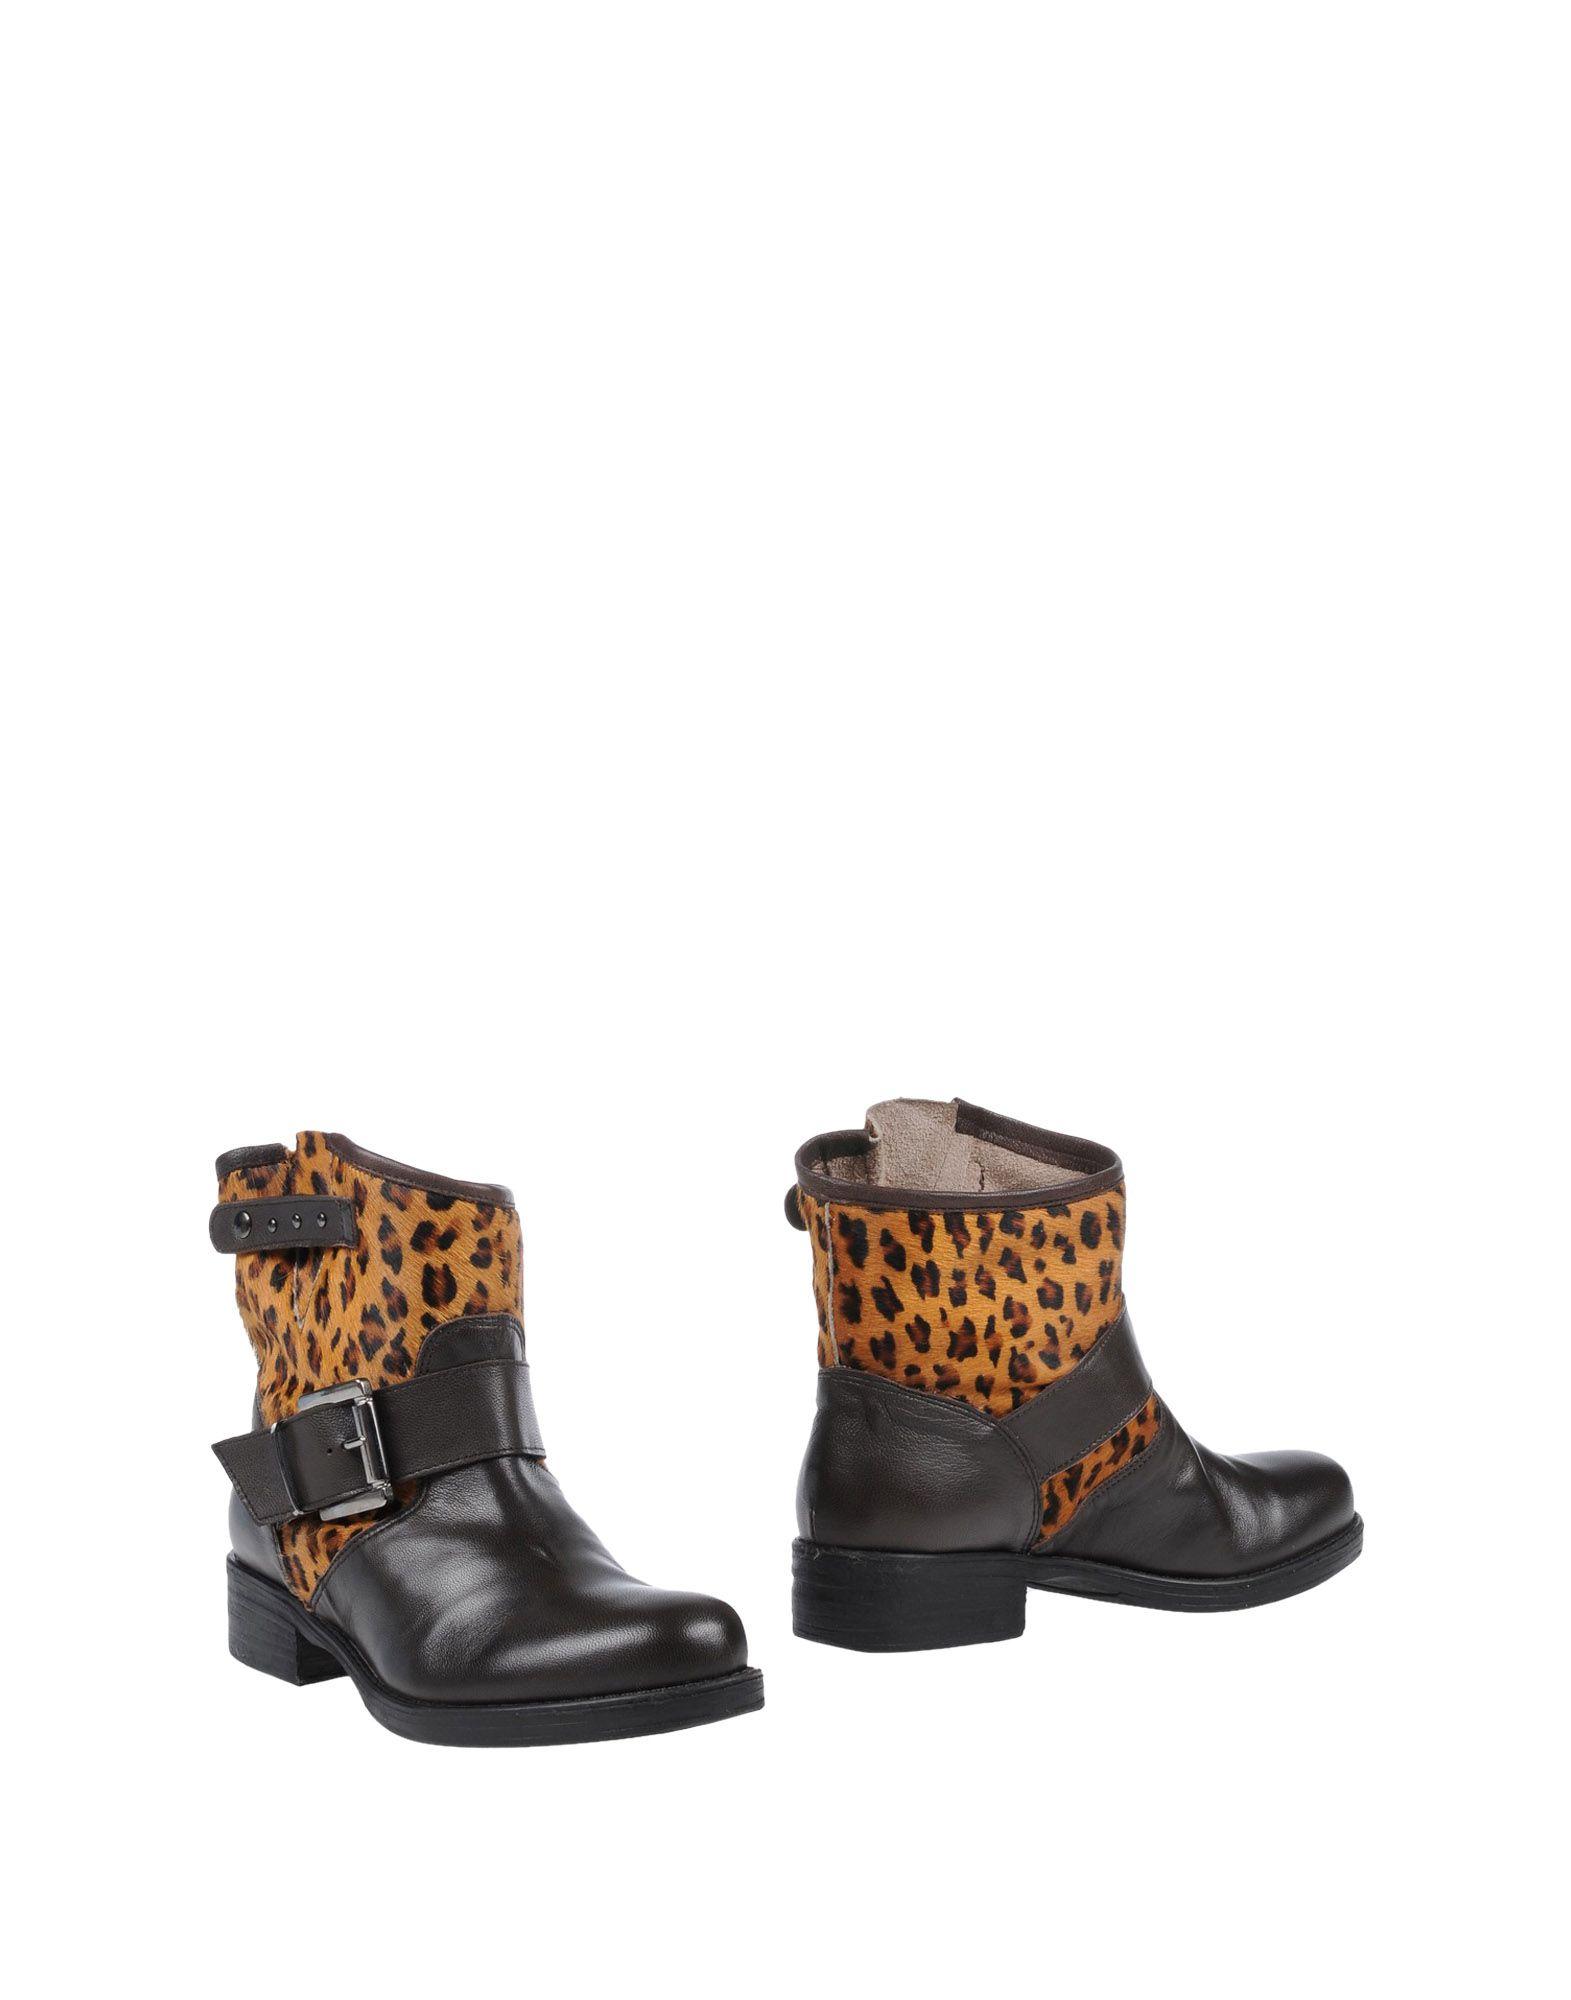 Tsd12 Stiefelette Damen  11453891TF Gute Qualität beliebte Schuhe